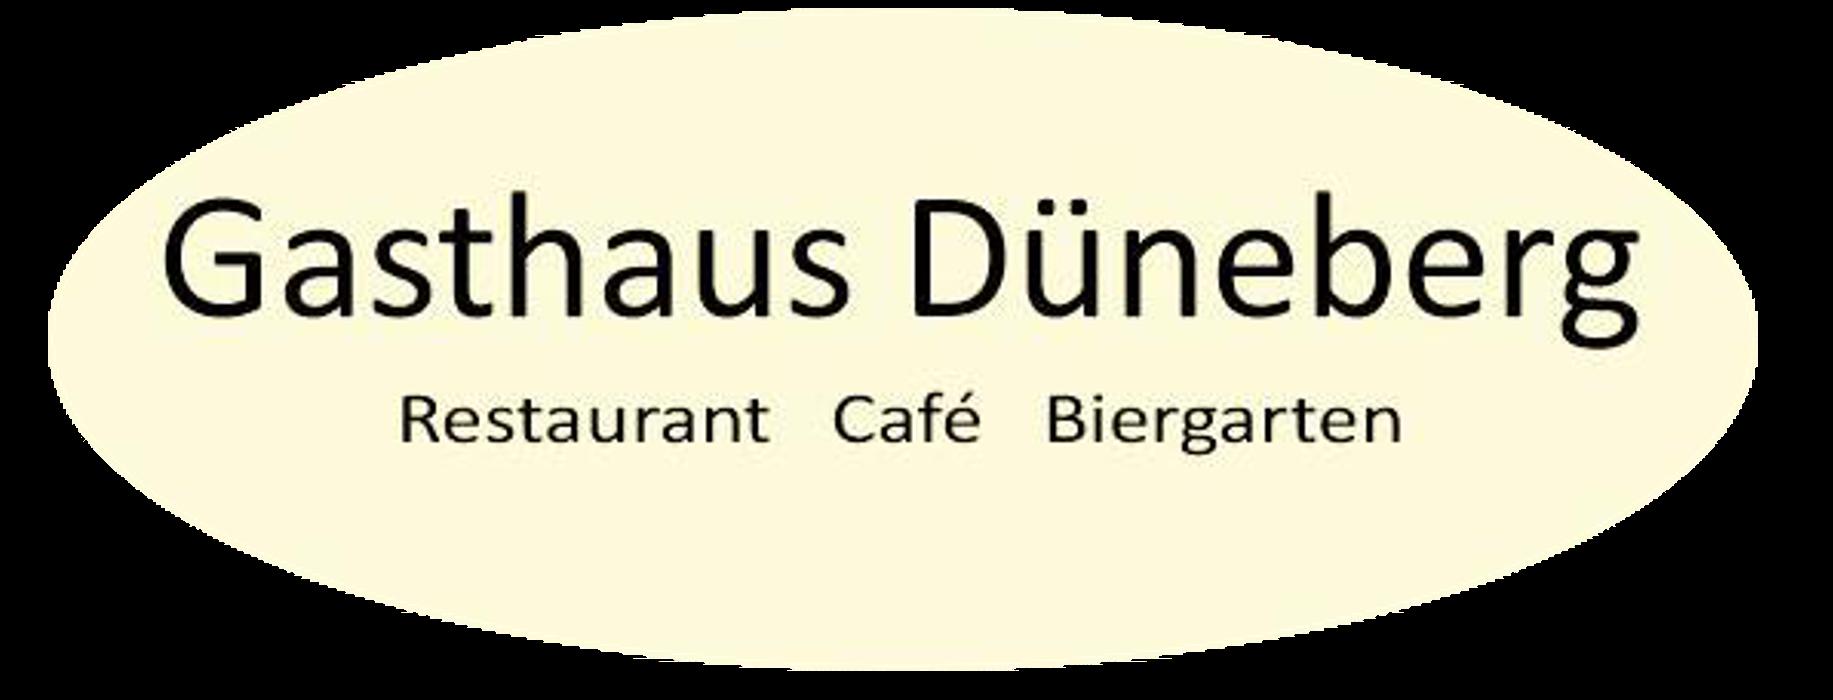 Bild zu Gasthaus Düneberg Restaurant mit Mittagstisch & Biergarten für Hochzeitsfeiern in Geesthacht